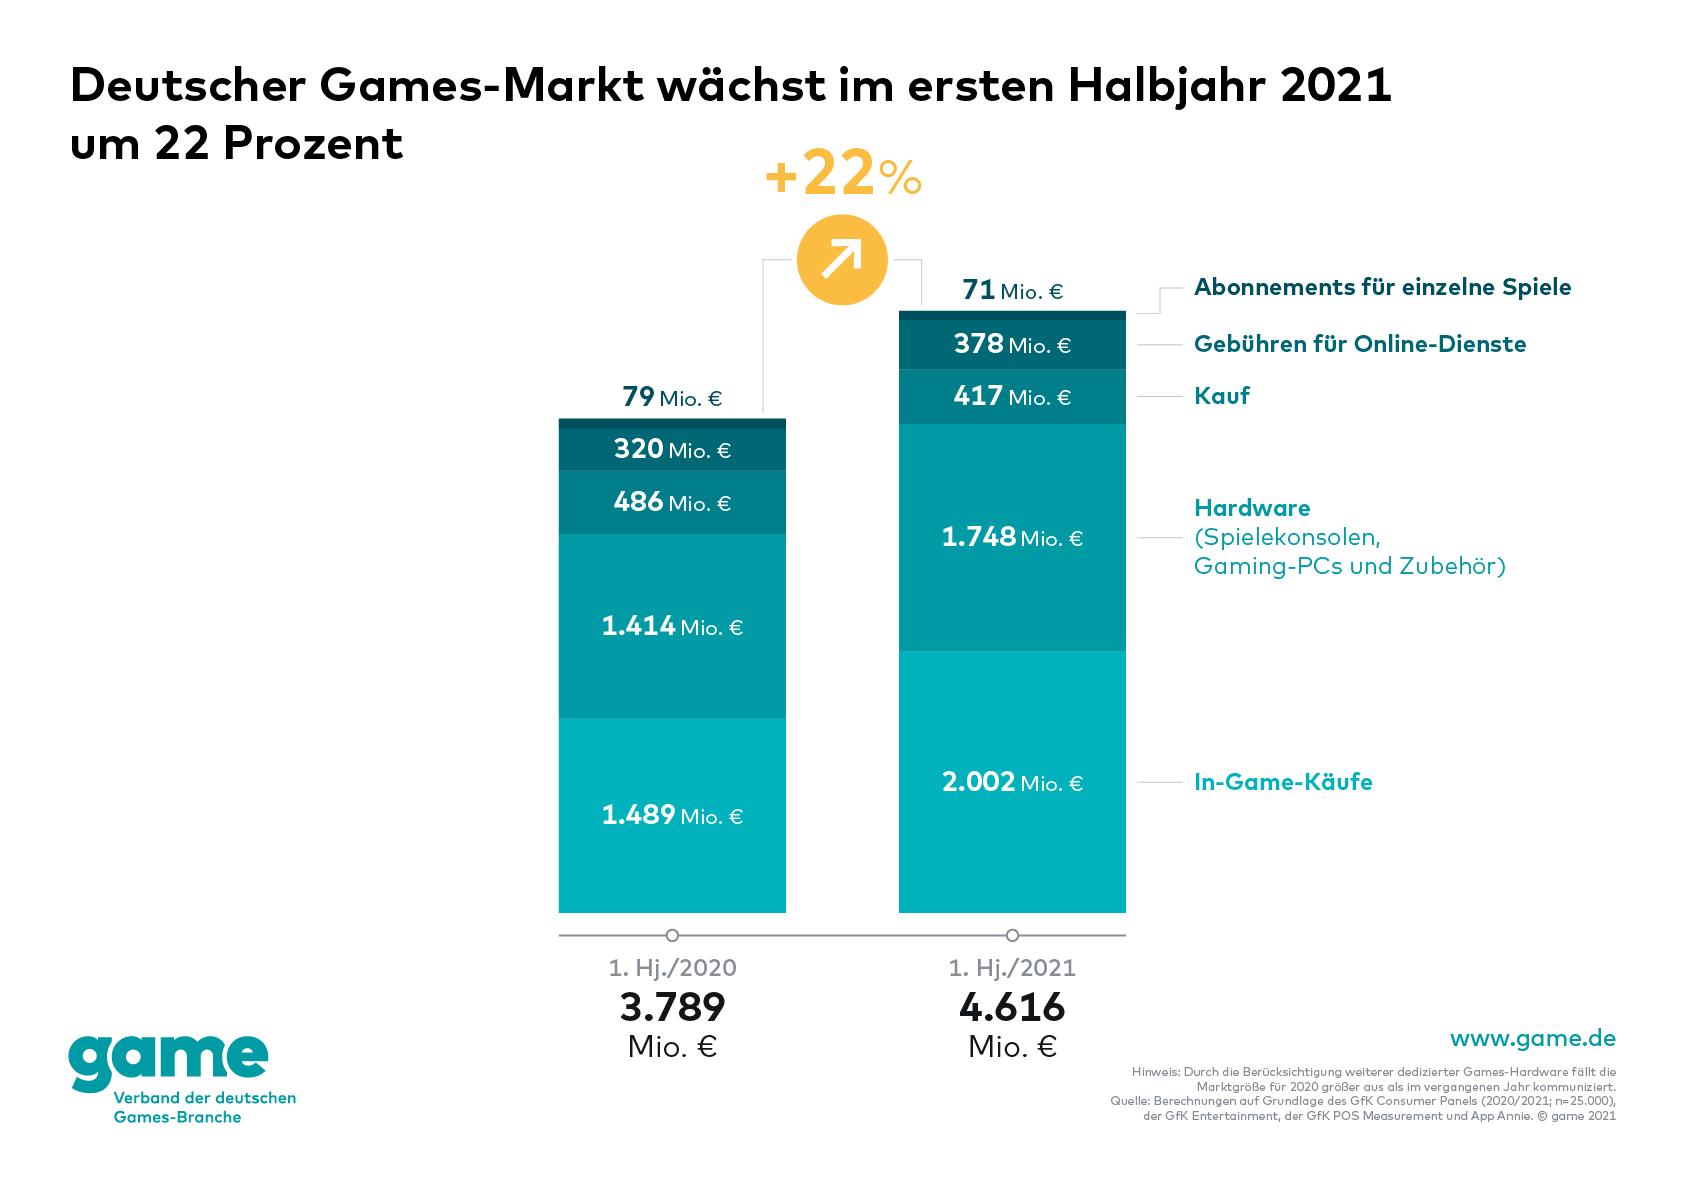 game-Grafik: Deutscher Games-Markt wächst im ersten Halbjahr 2021 um 22 Prozent